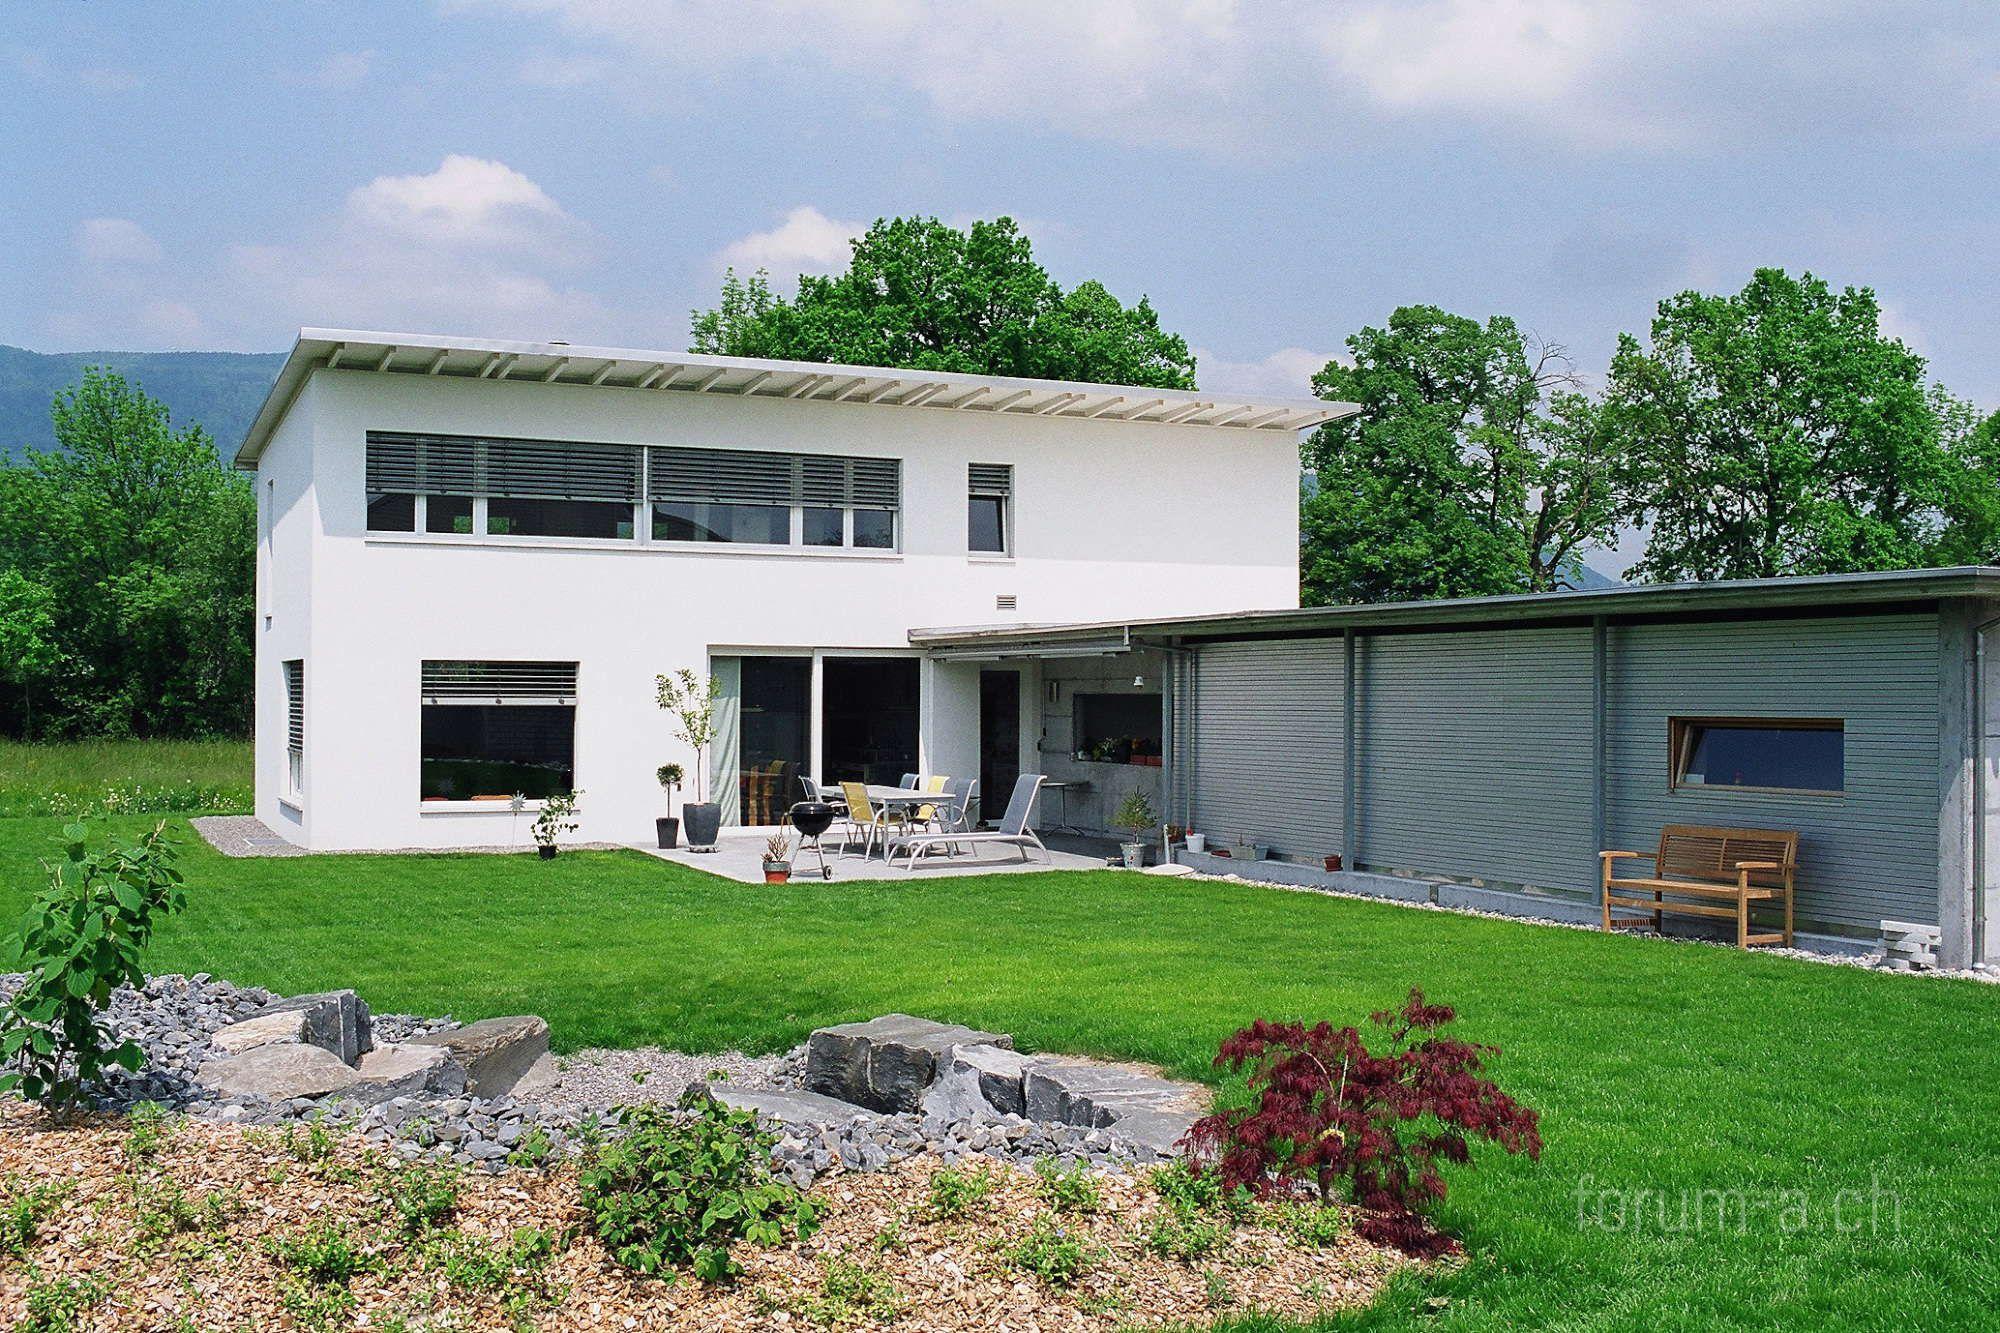 Einfamilienhäuser - Forum A | Architektur, Baurealisierung ...